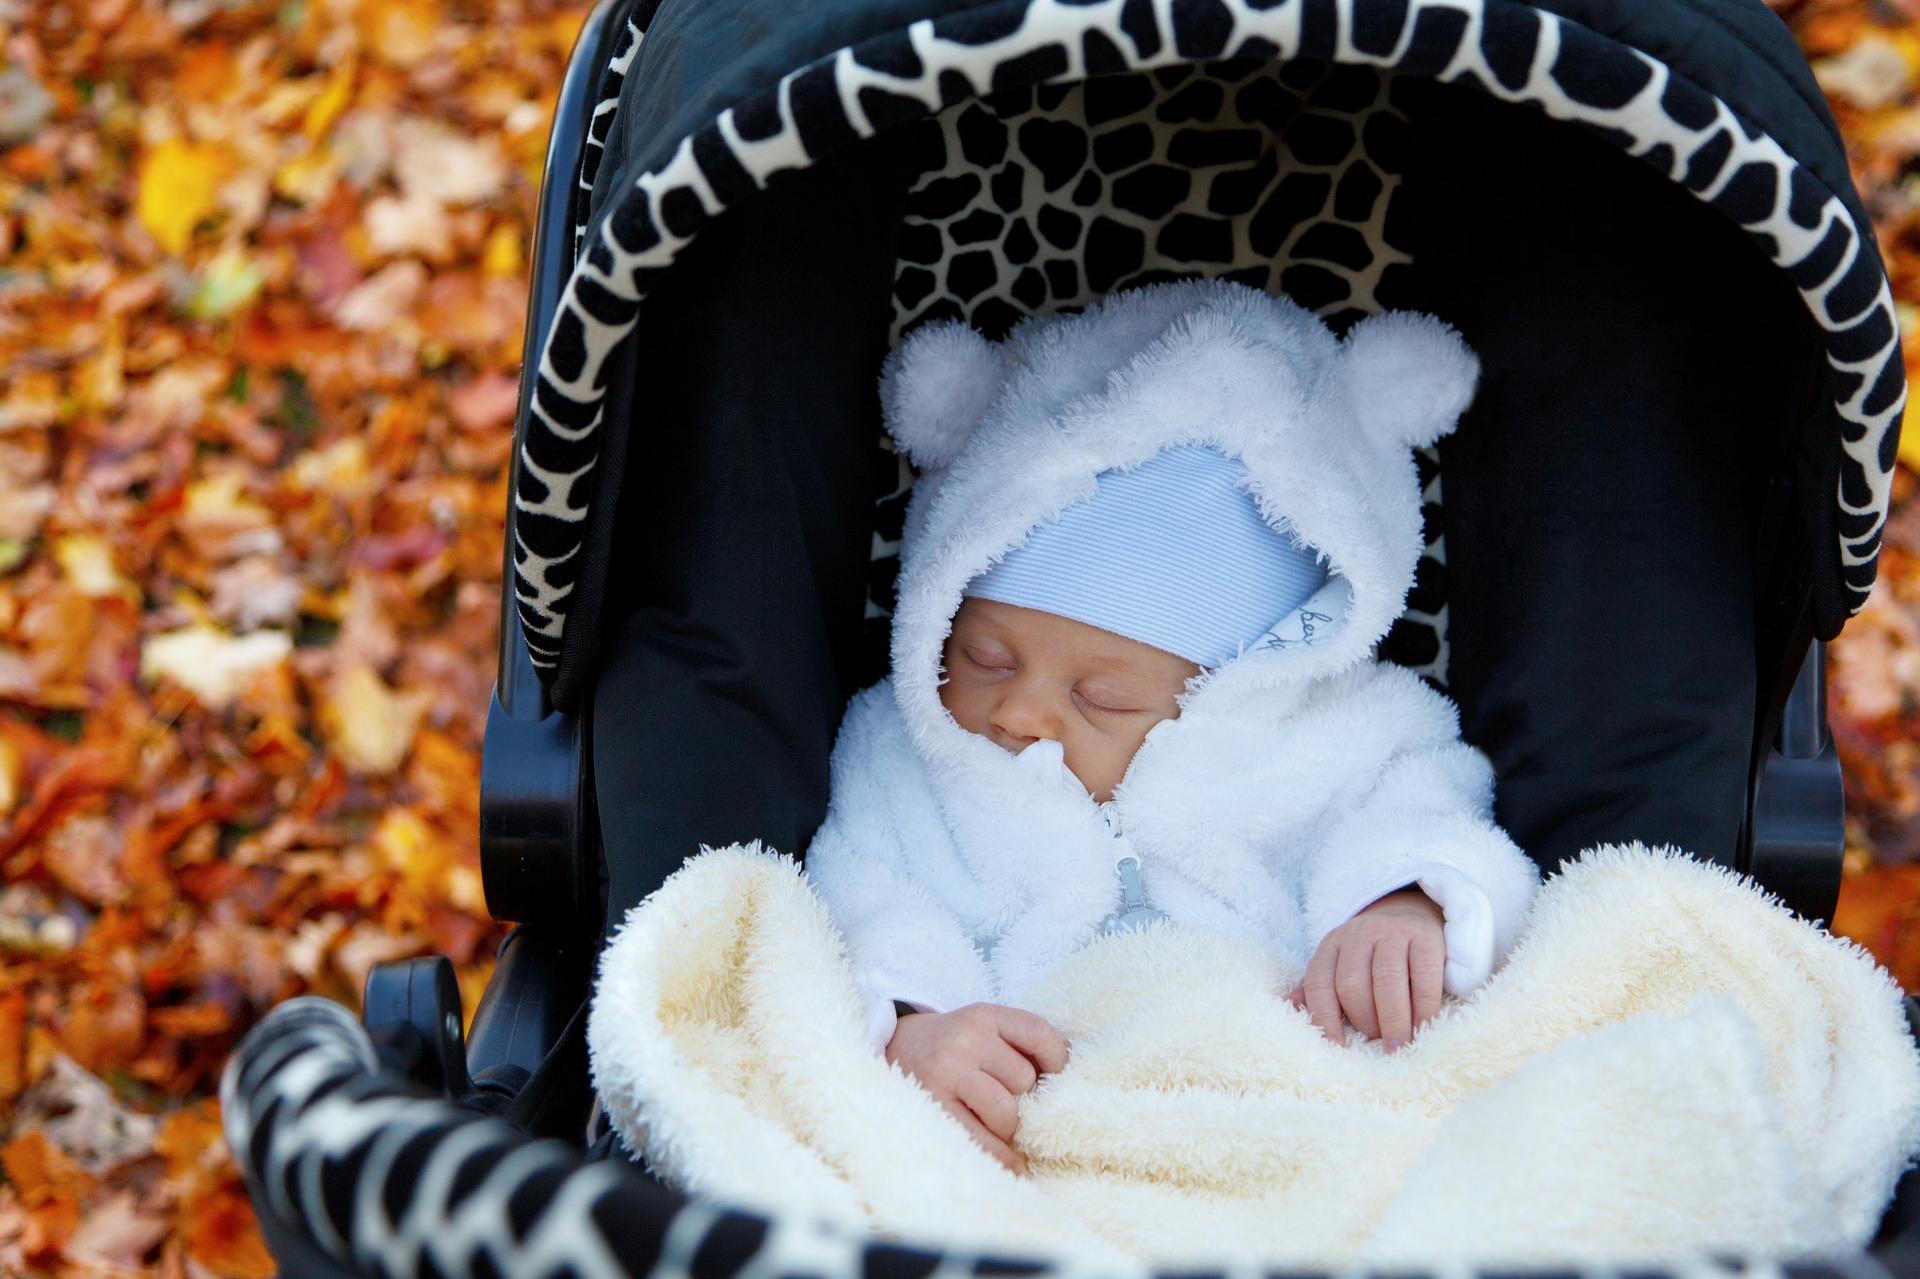 un bébé avec un manteau blanc qui dort dans une poussette